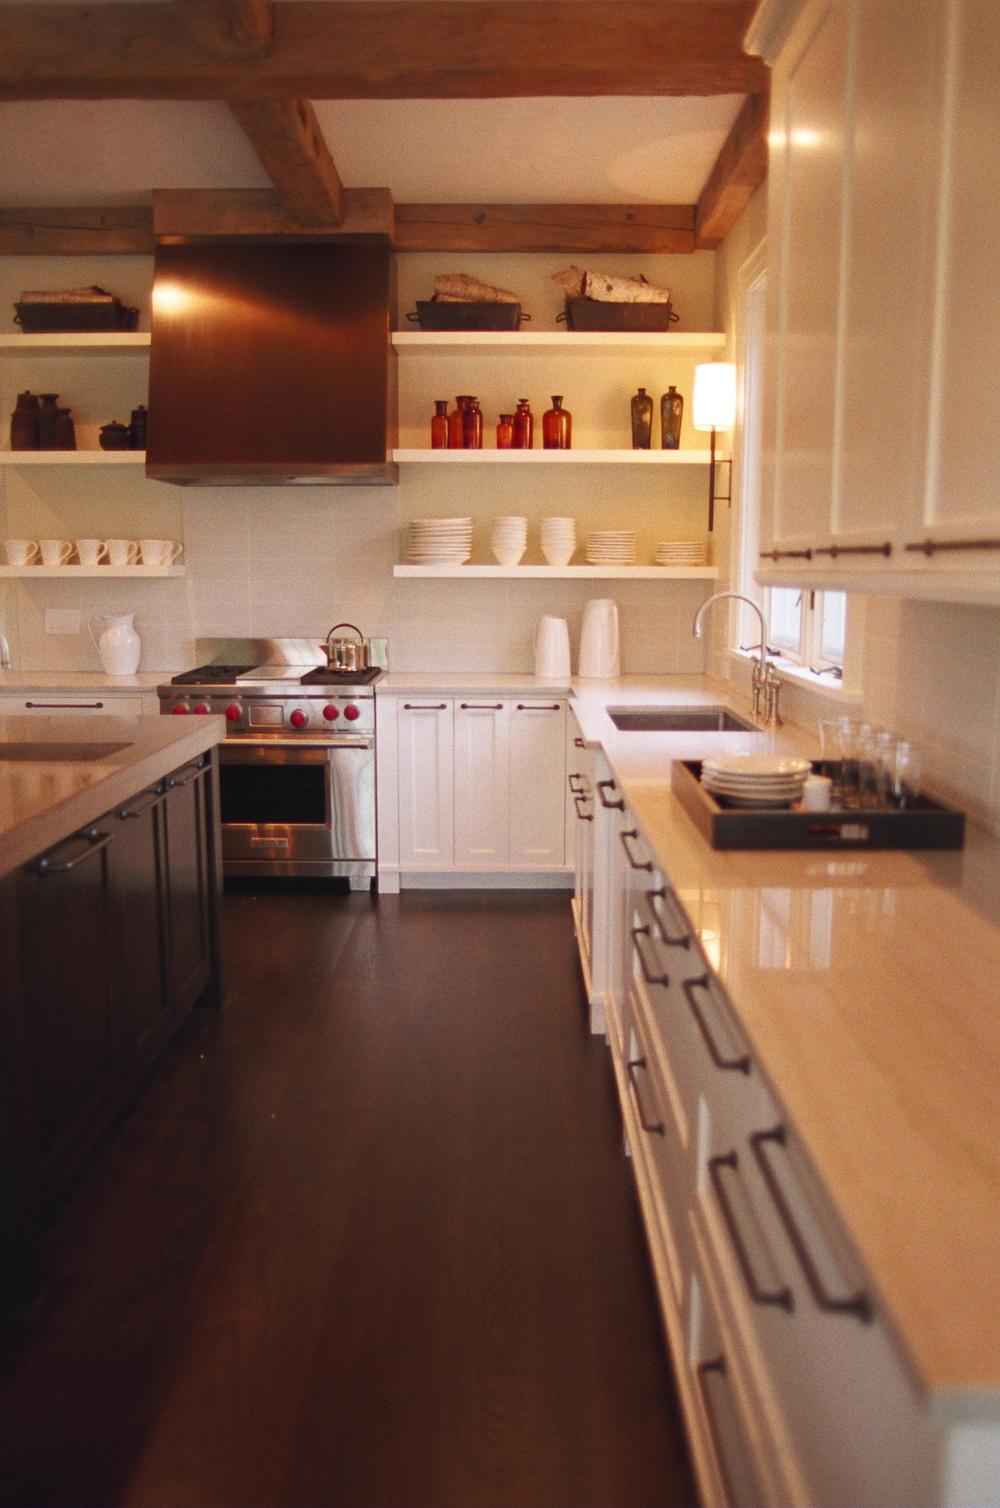 kitchen.2113.26.jpg